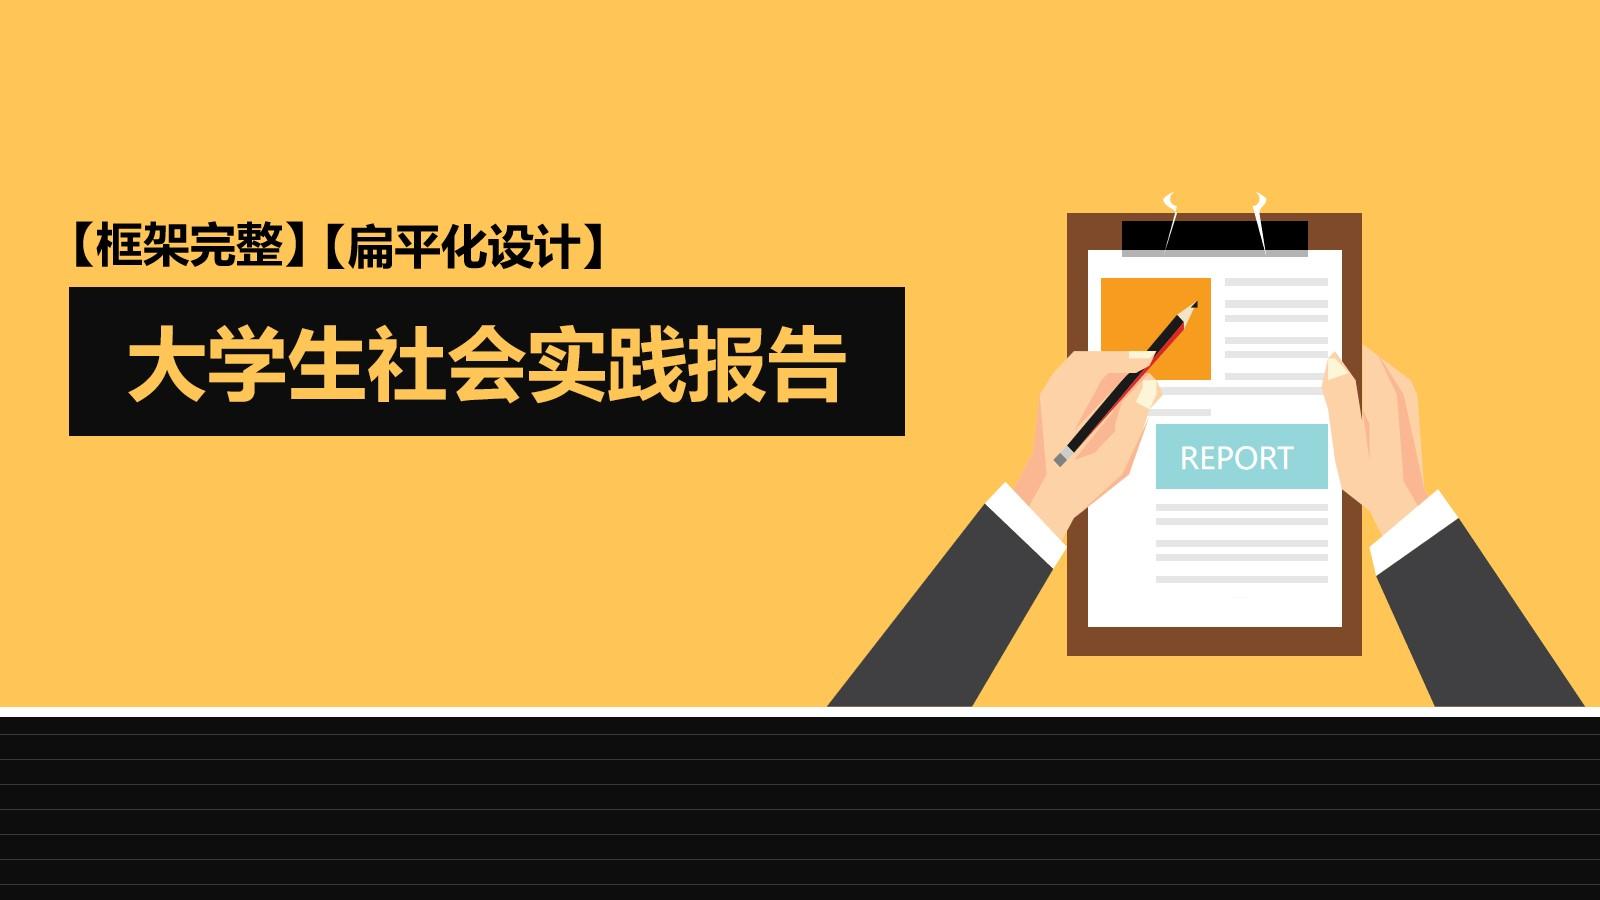 橙色扁平化大学生社会实践报告PPT模板